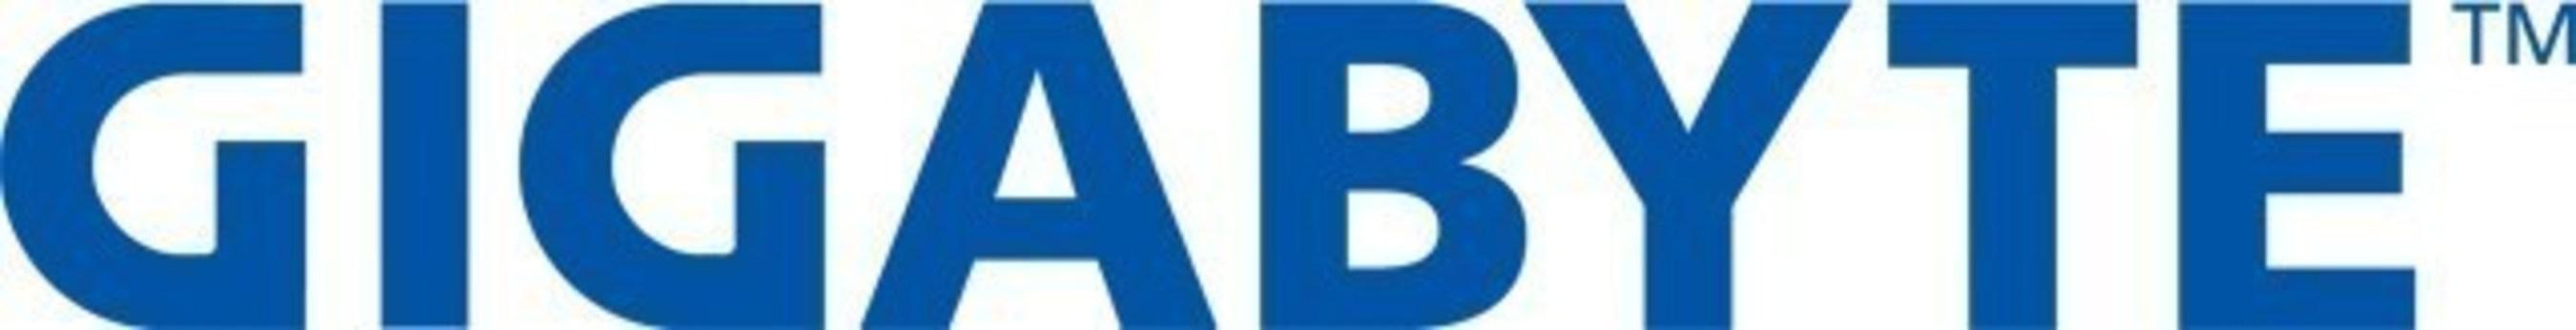 GIGABYTE Technology Logo